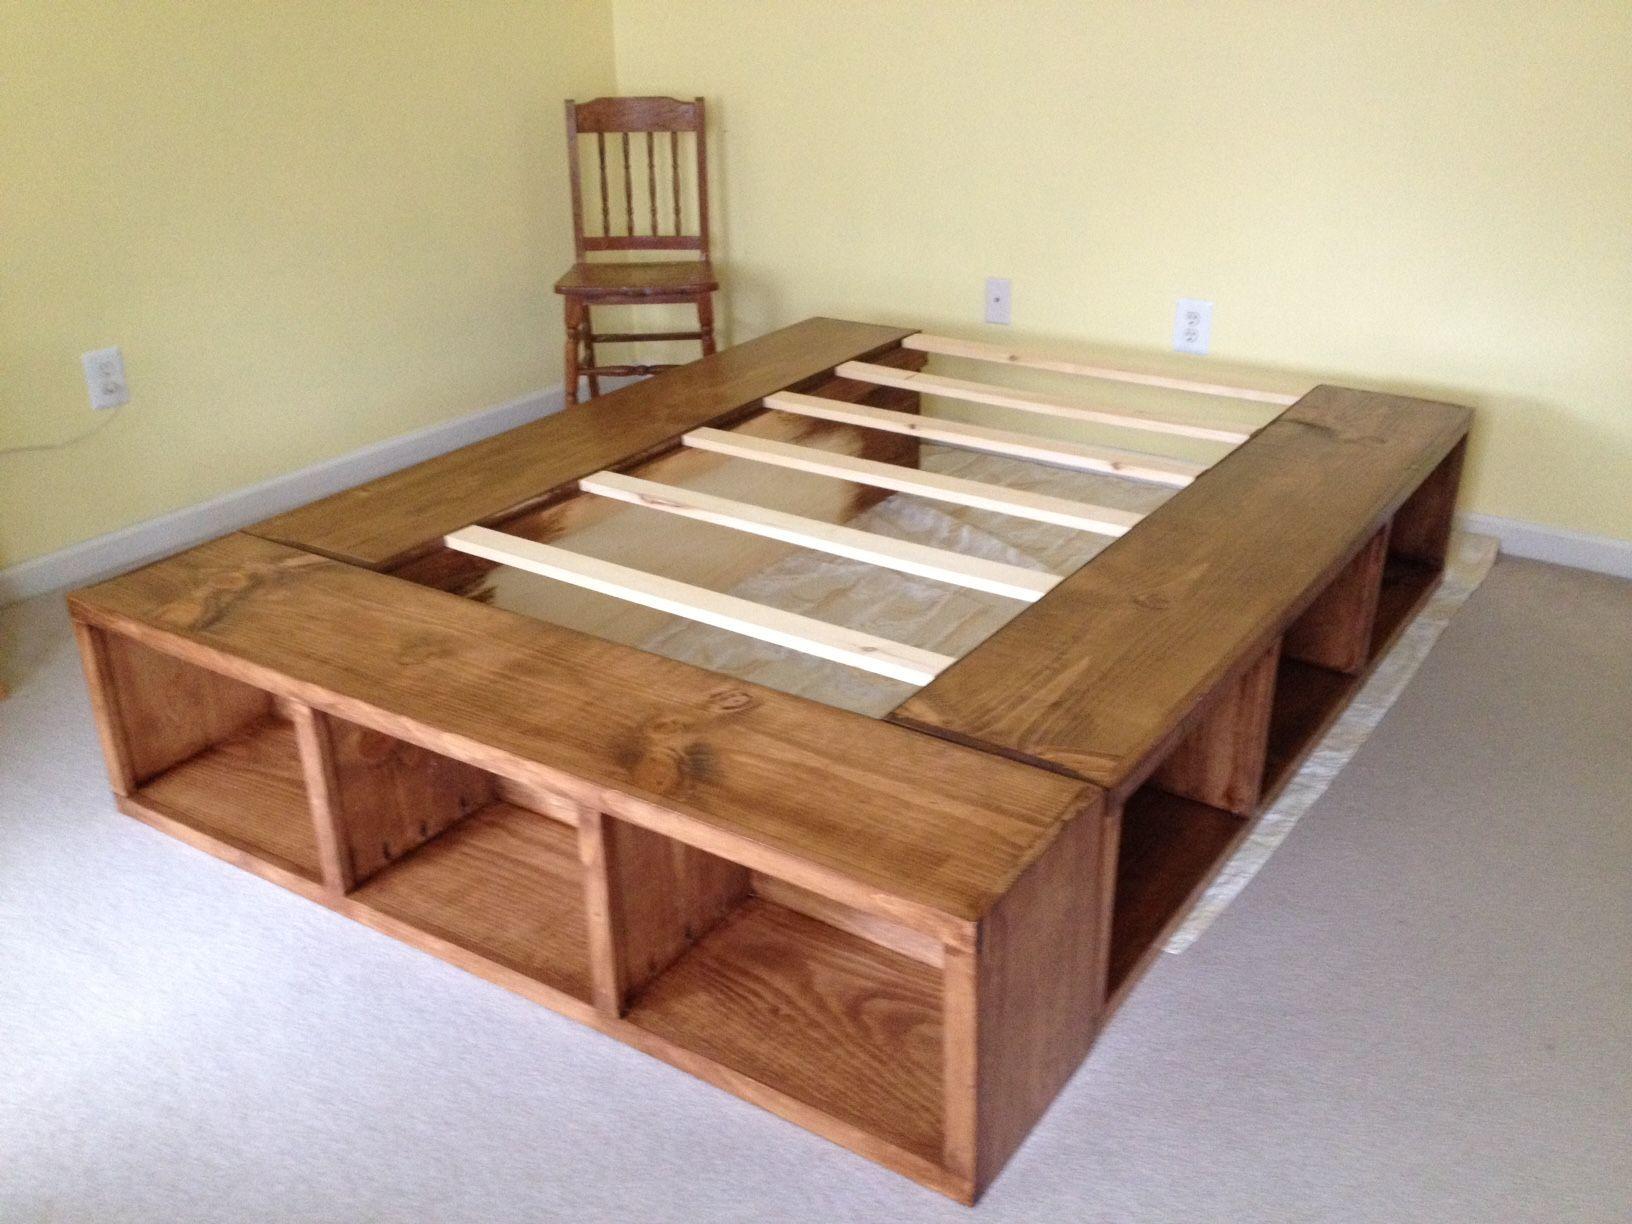 Diy Queen Platform Bed Plans Bed Frame Plans Queen Bed Frame Diy Bed Plans